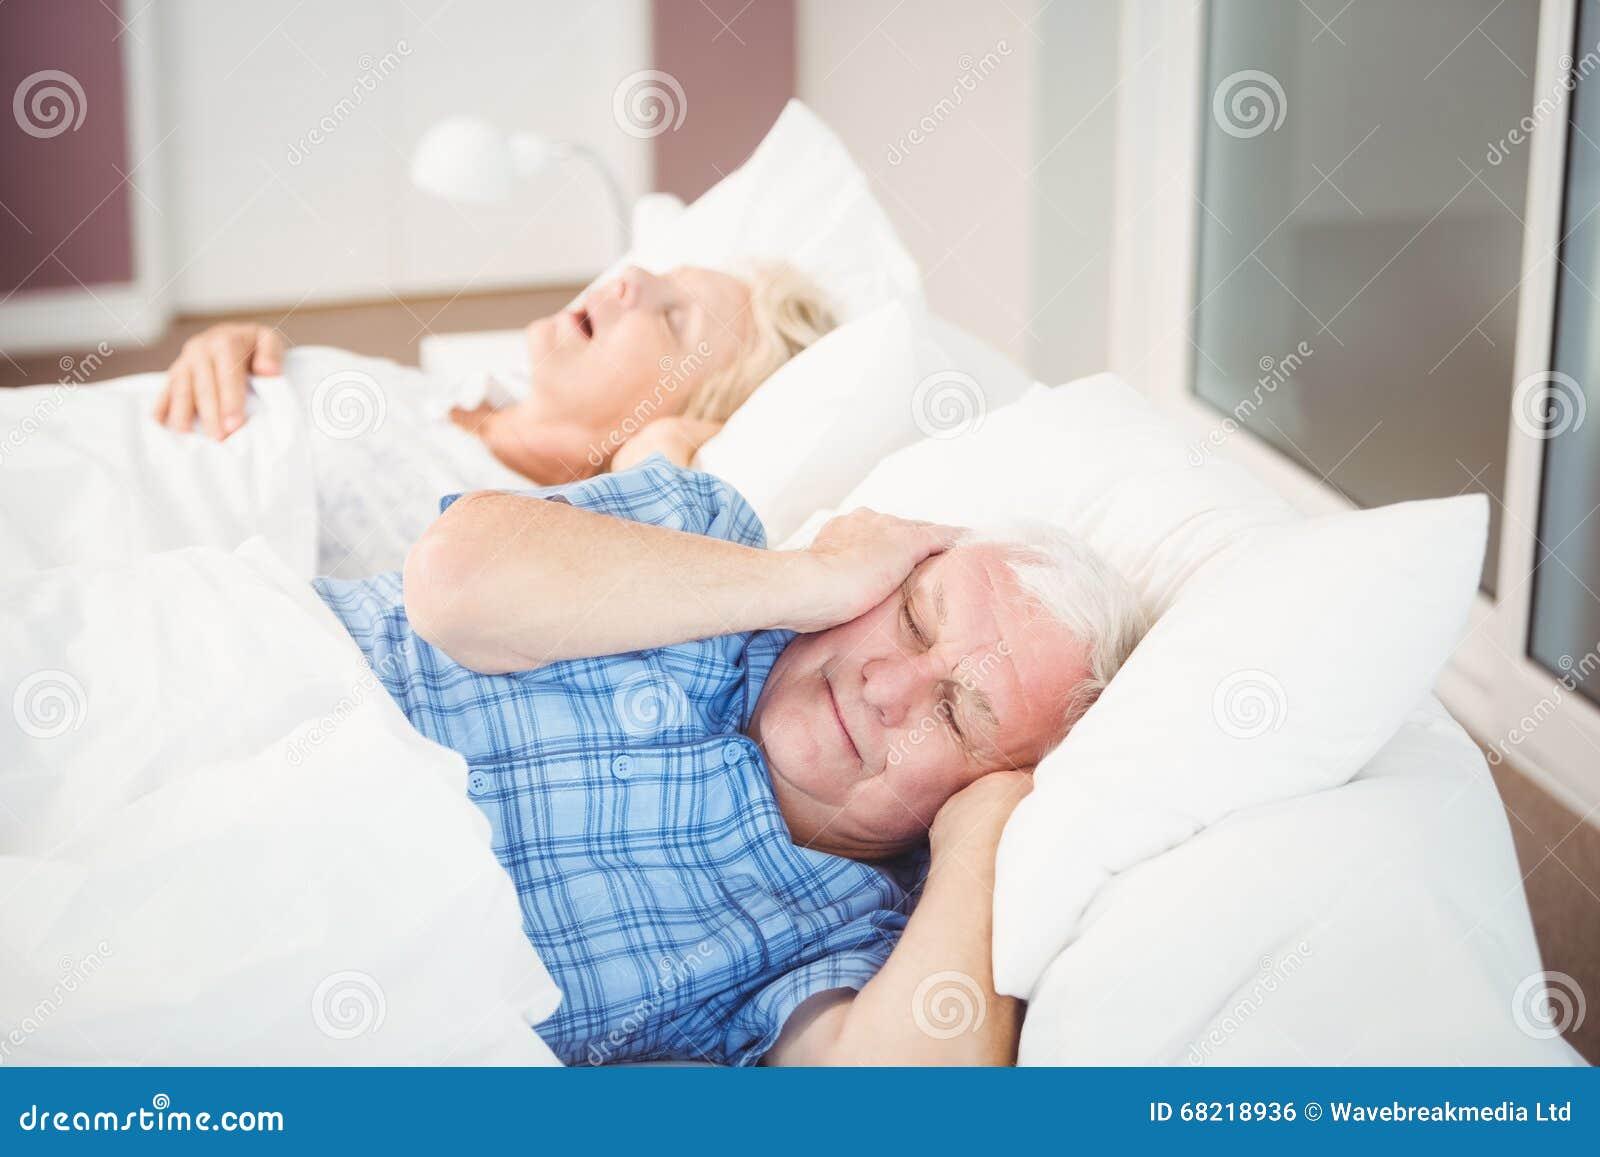 Snoring Man With Wife Cartoon Vector Cartoondealer Com